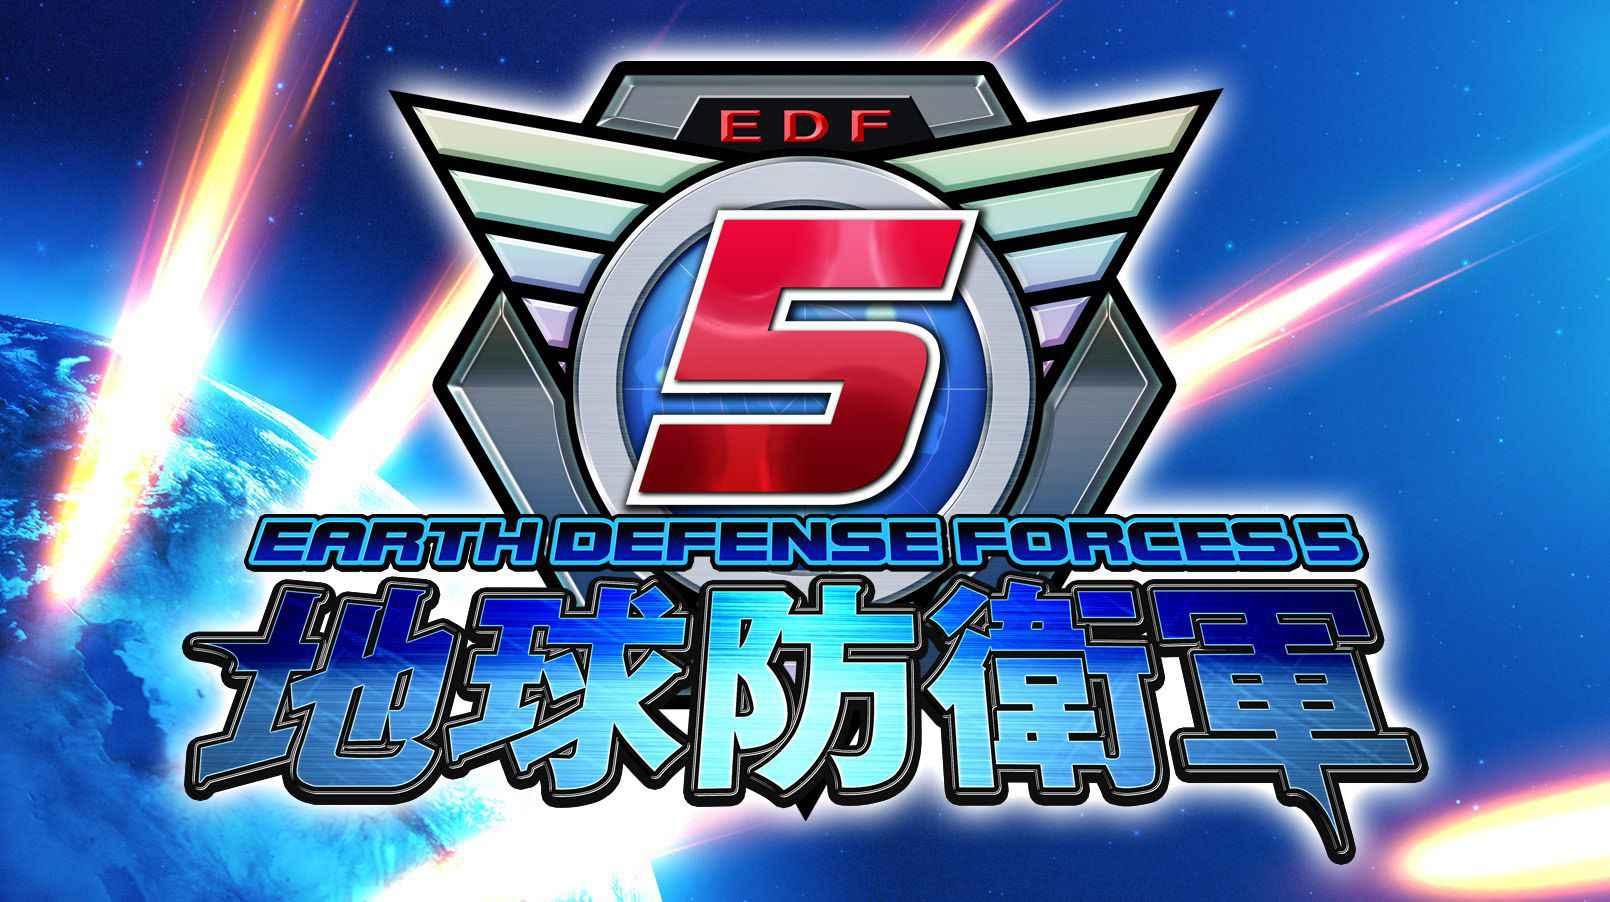 【地球防衛軍5攻略】フェンサーの蜂どうすればいいの?